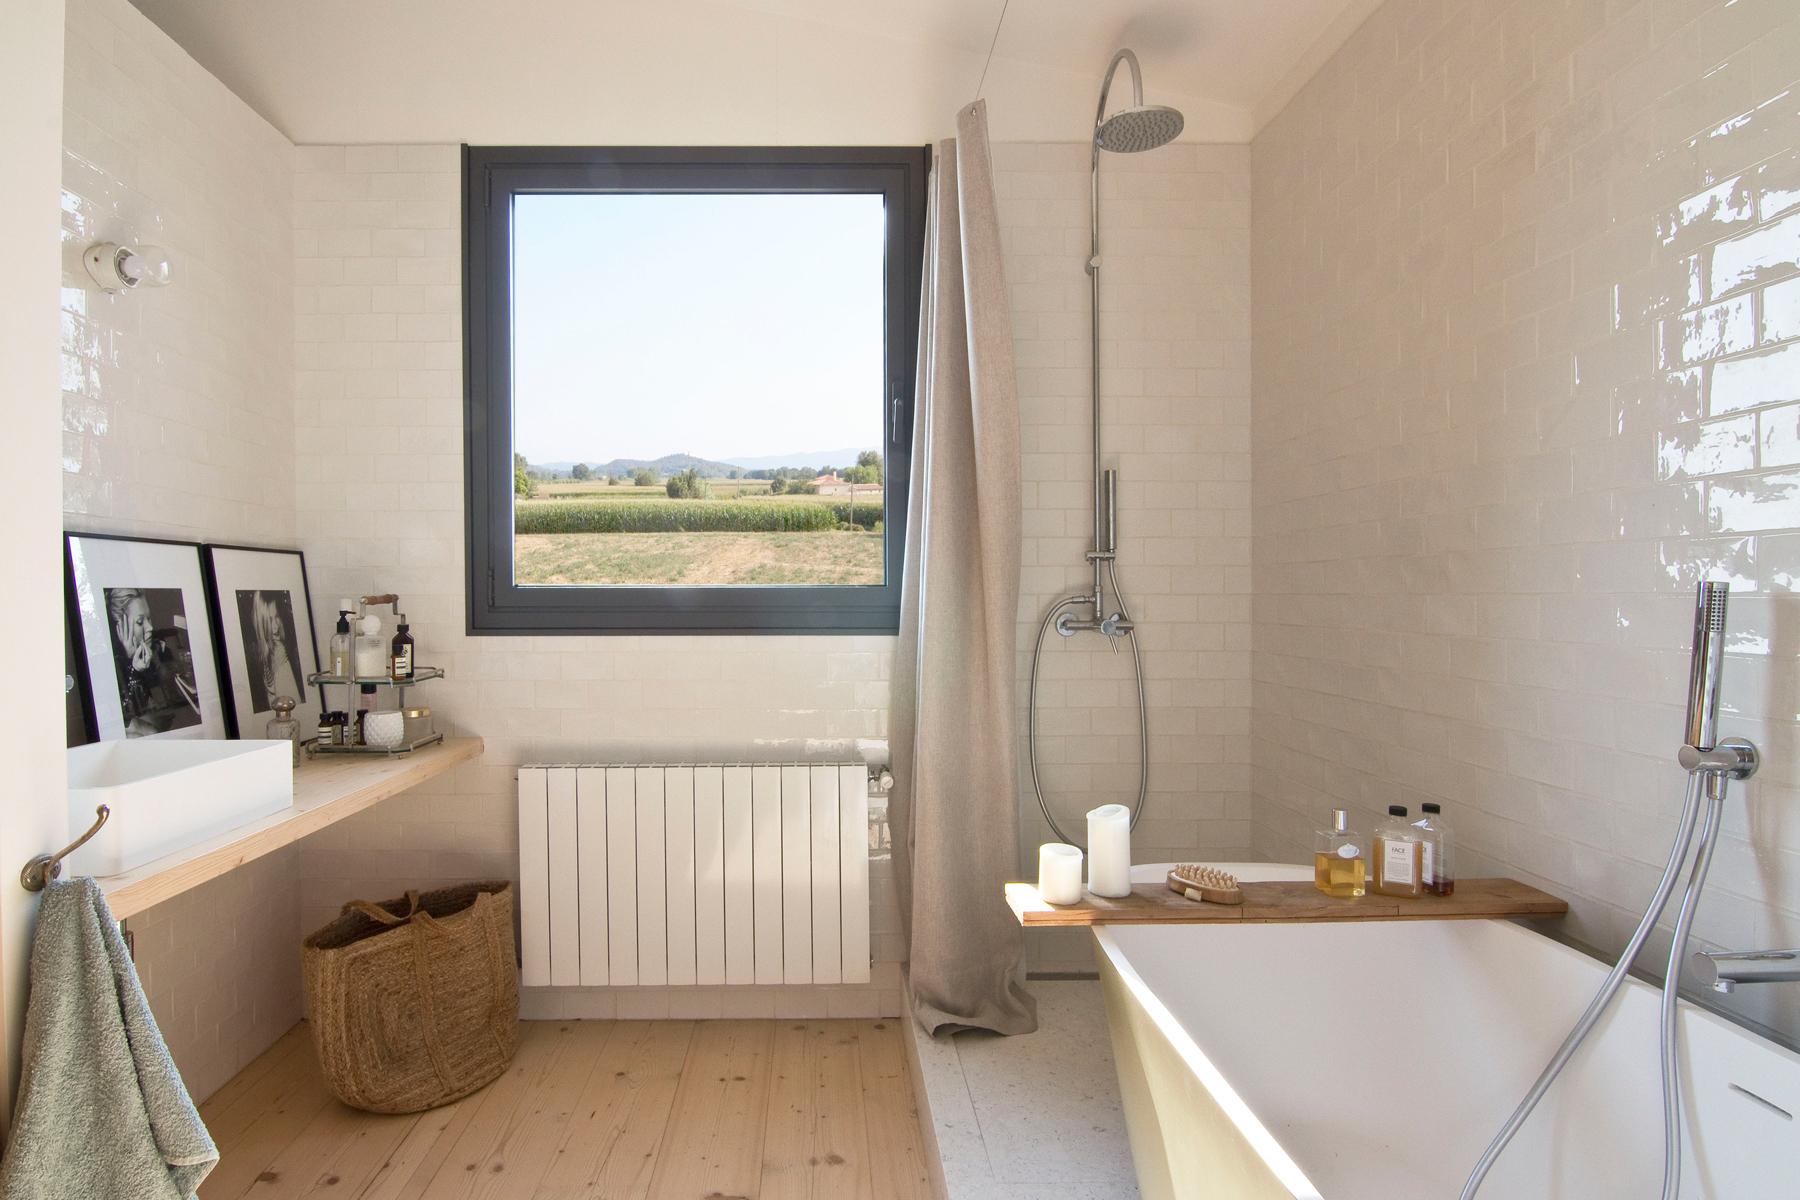 Baño Blanco Suelo Madera:Salón con sofás oscuros, cuadros de colores, butacas y mesitas